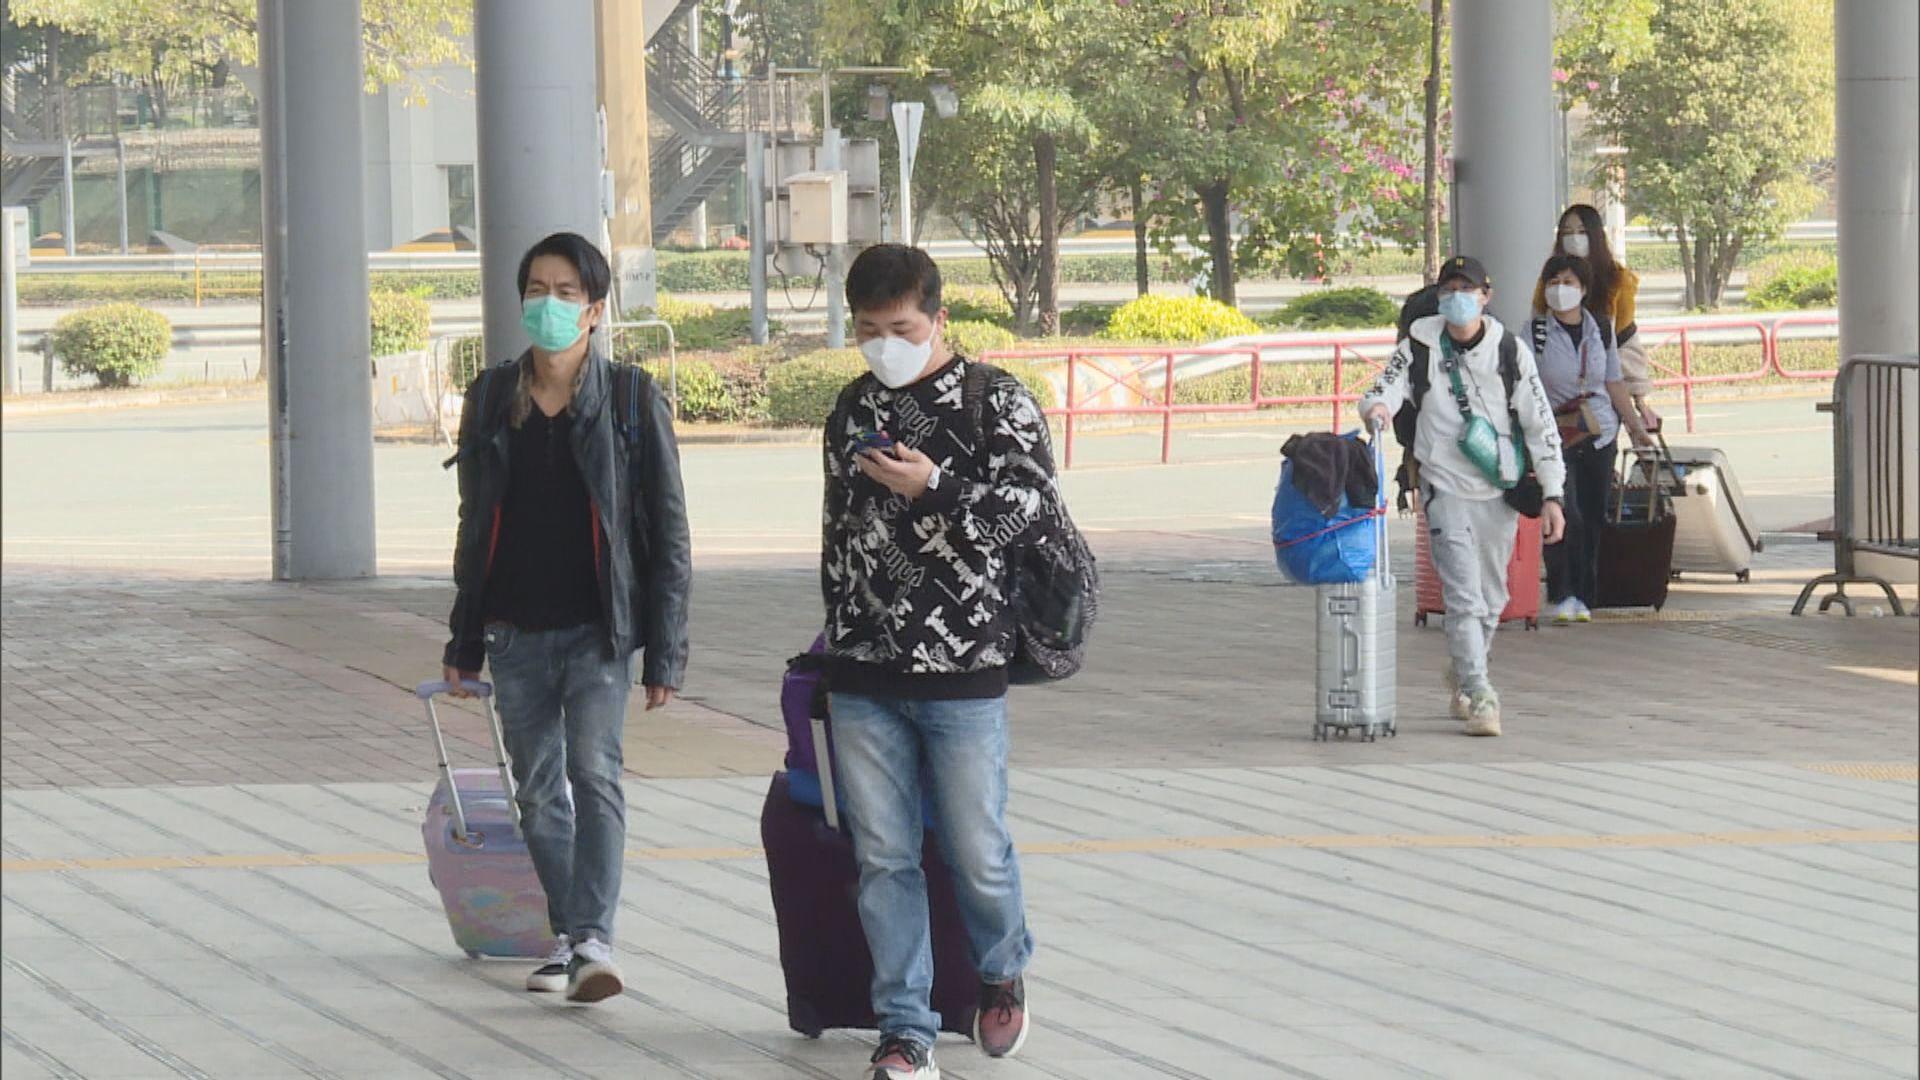 深圳收緊入境檢疫要求 重新實施14+7措施